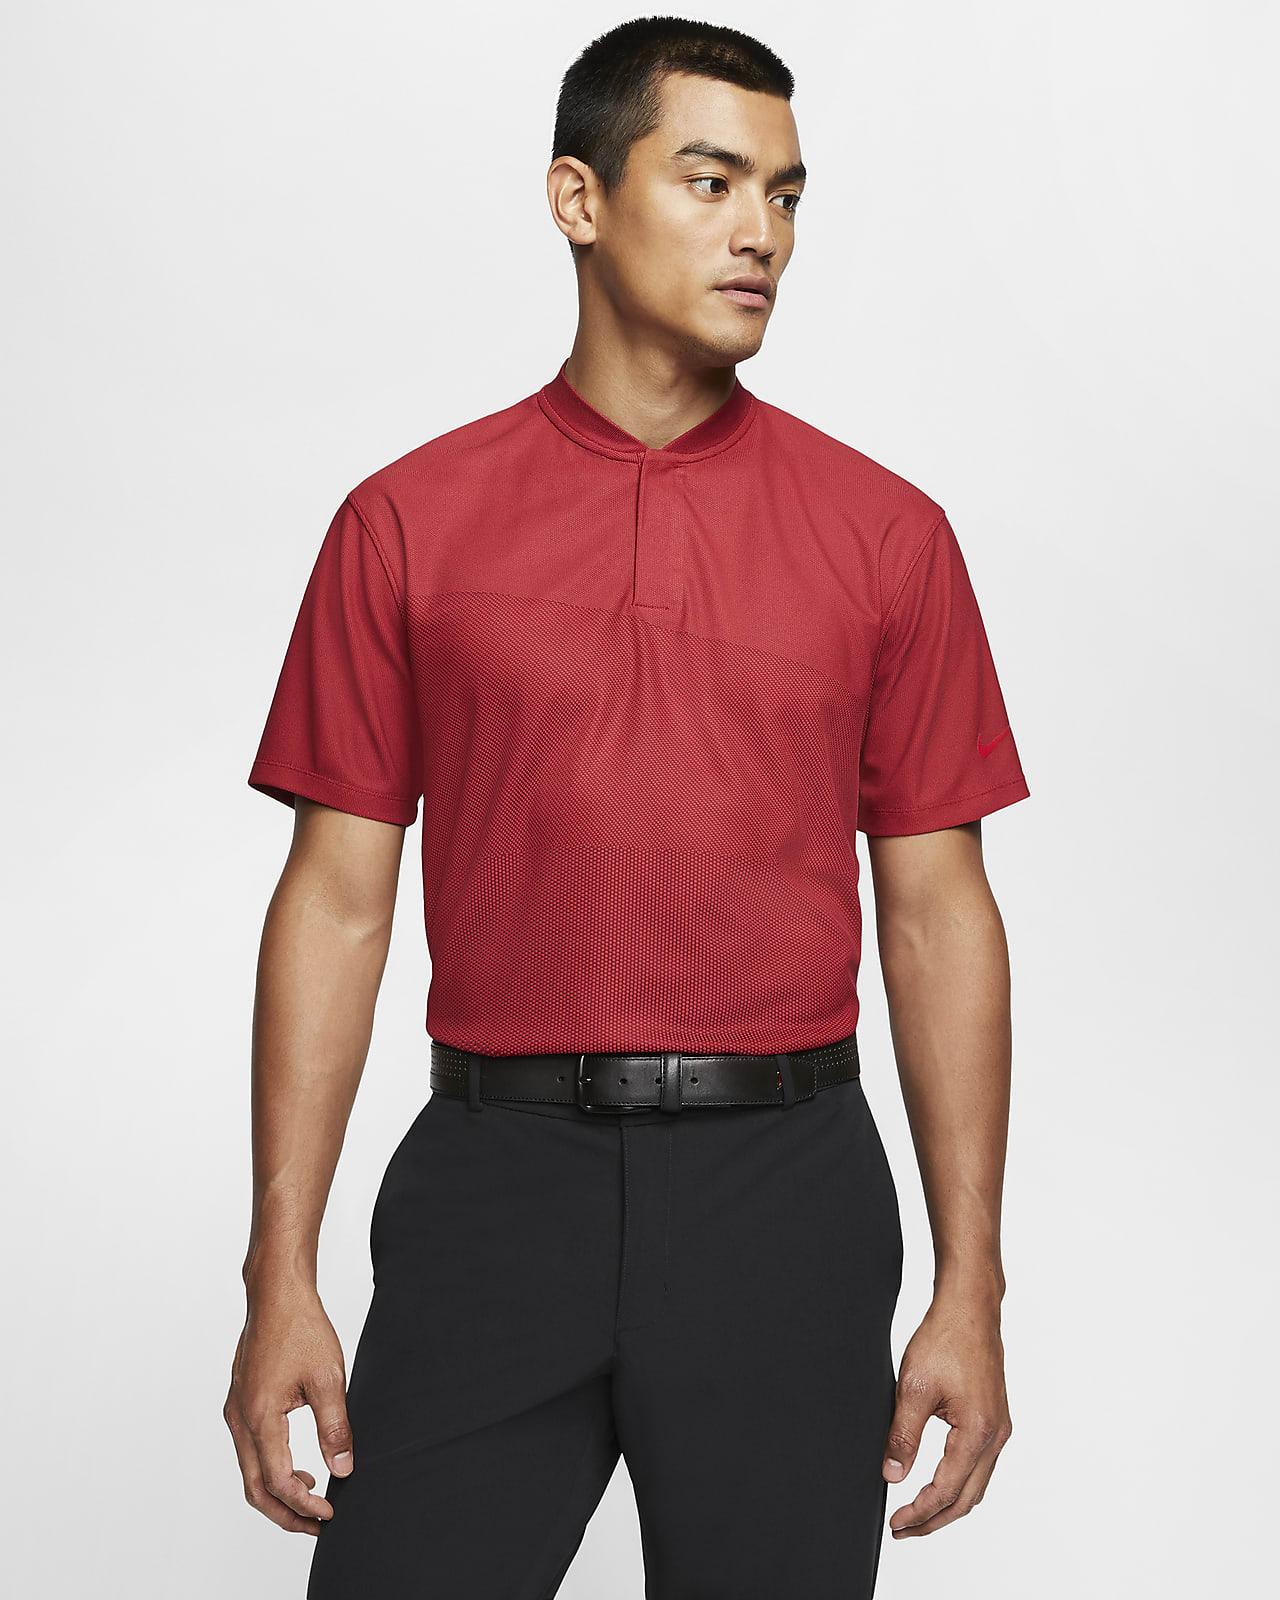 Nike Dri-FIT Tiger Woods-golfpolo til mænd